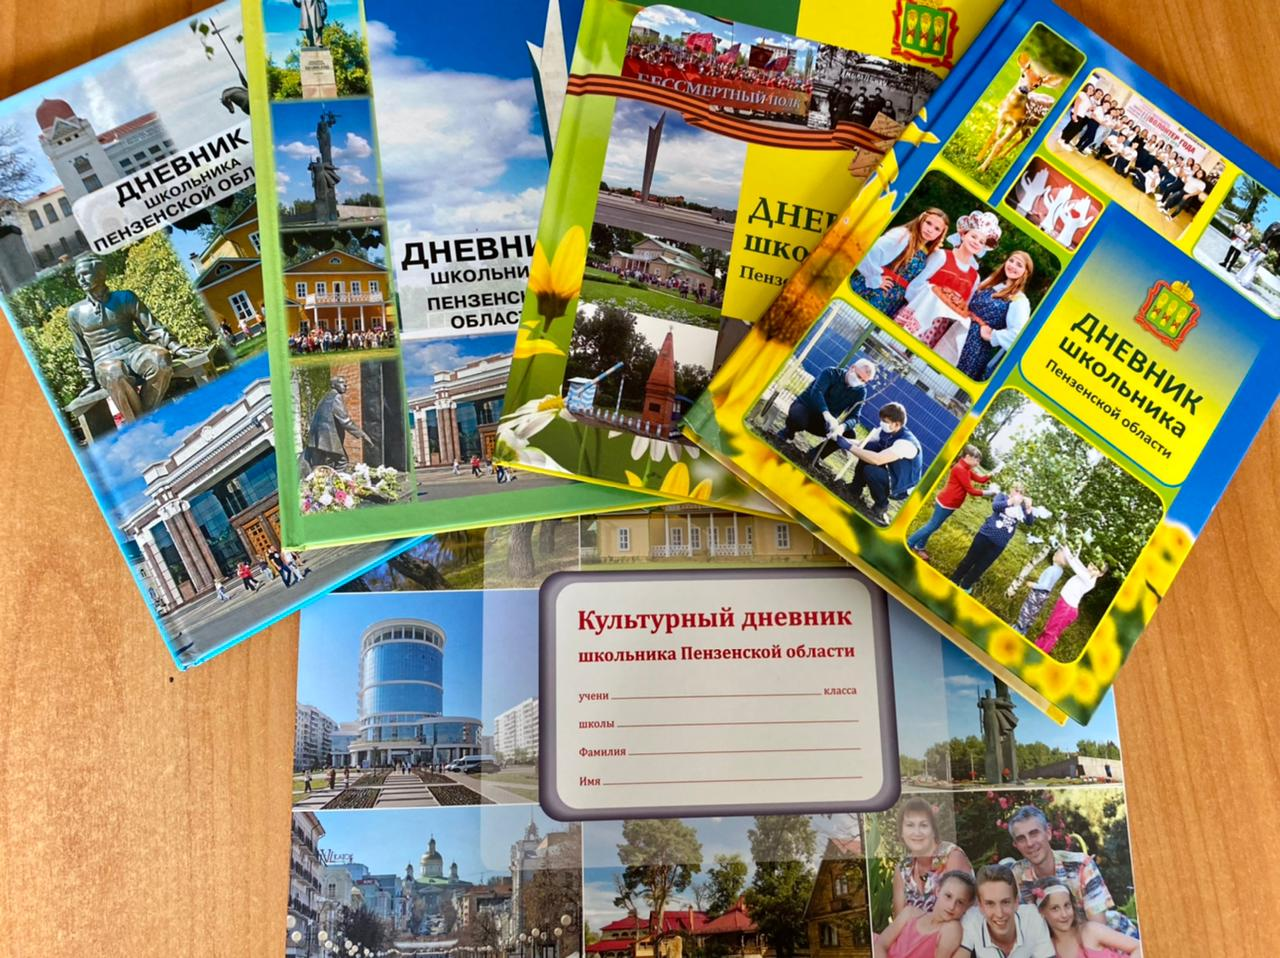 К 1 сентября учащиеся Пензенской области получат «Дневник школьника»